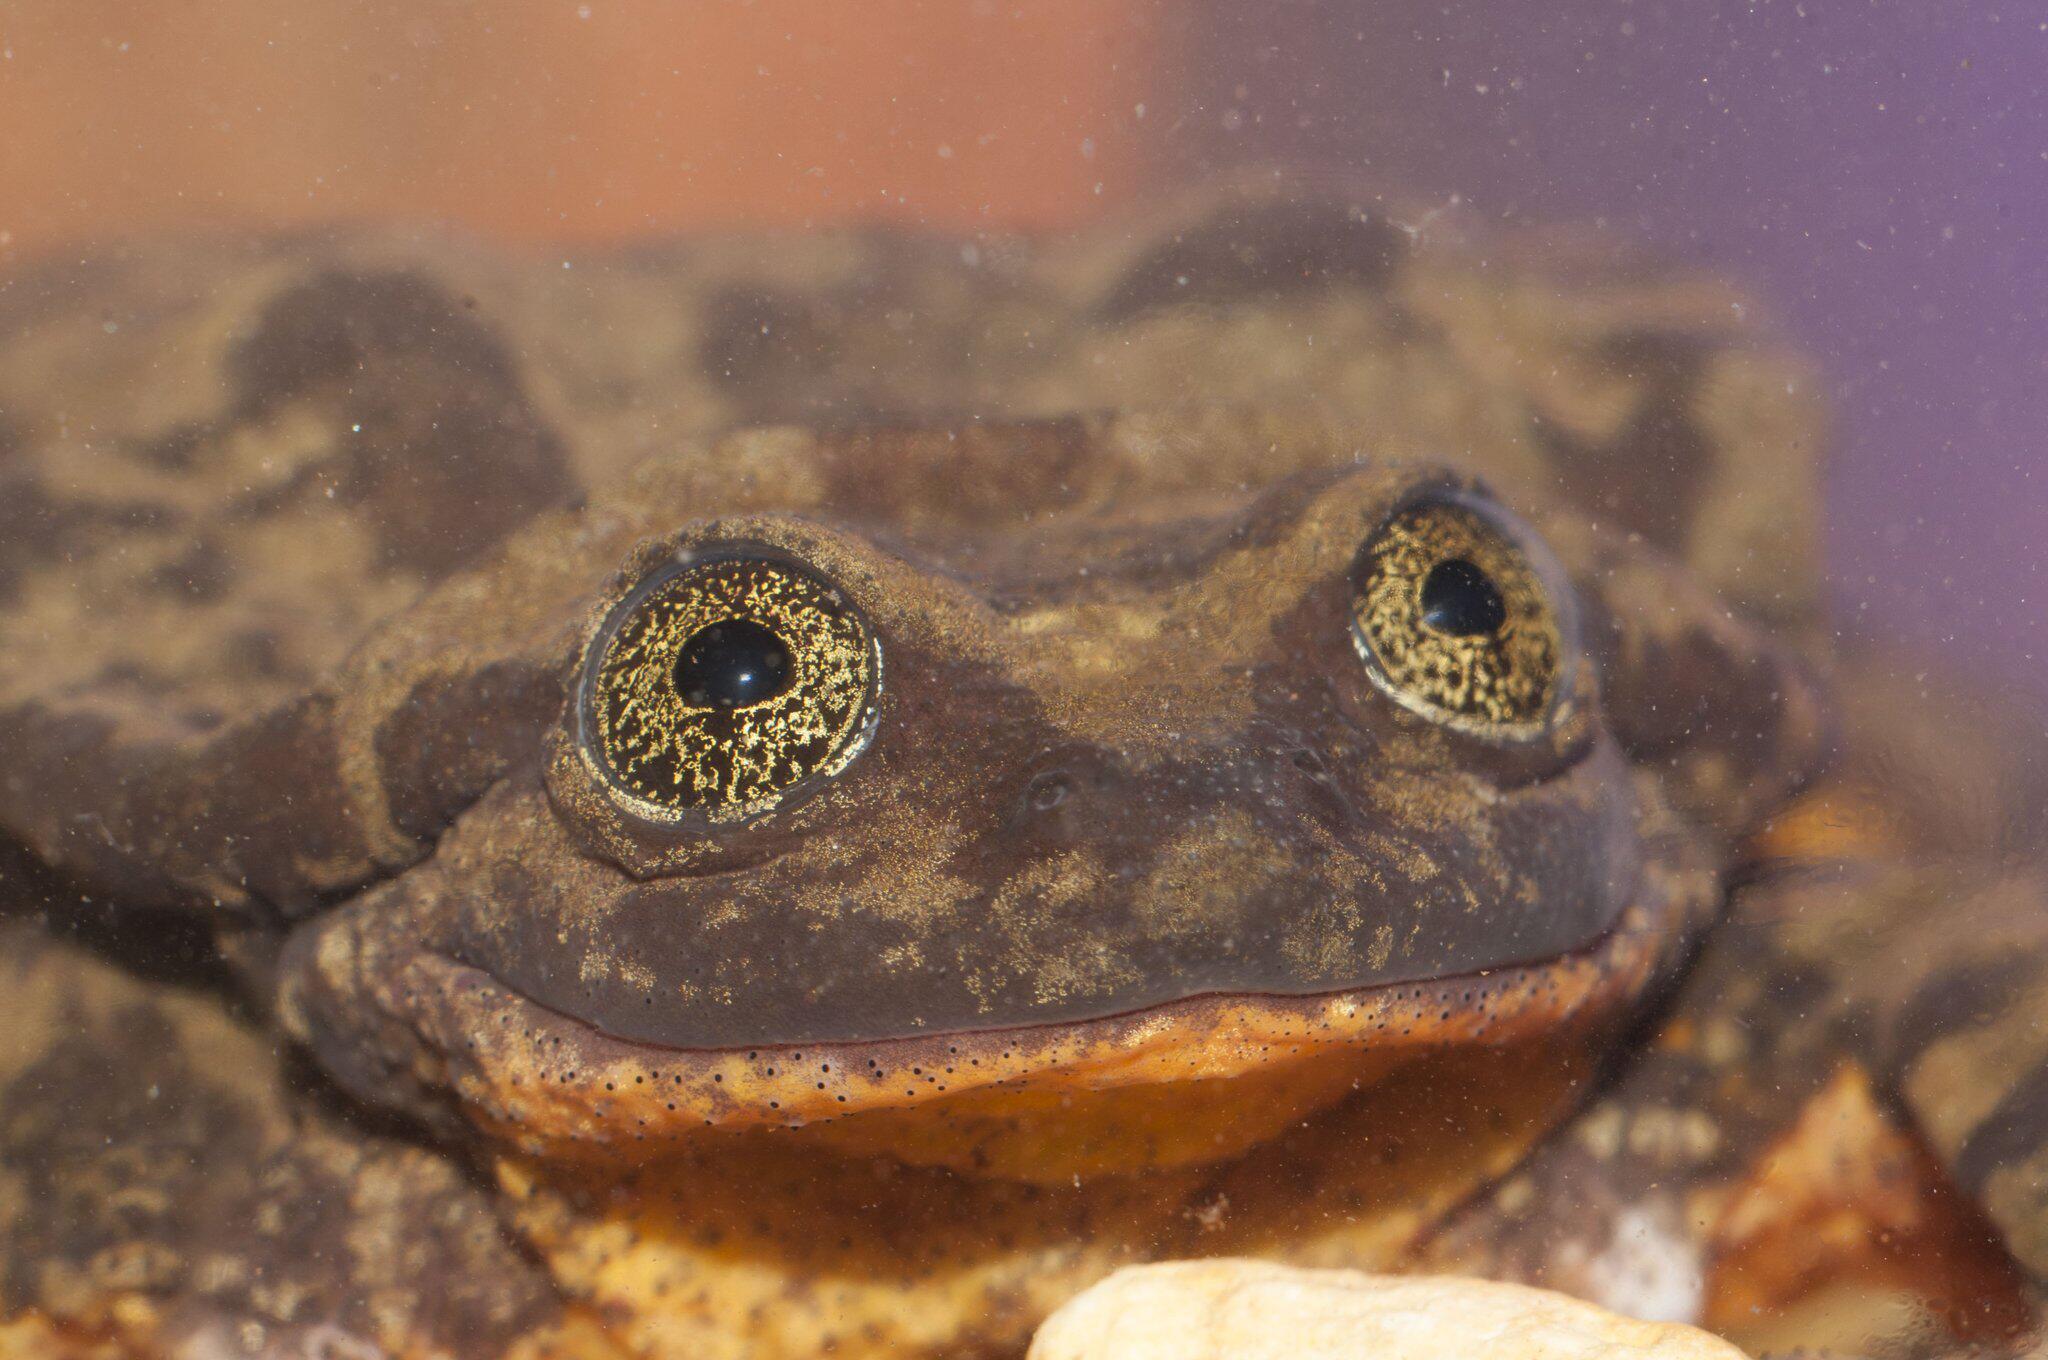 Bild zu Der einsamste Frosch der Welt bekommt ein Date in Bolivien